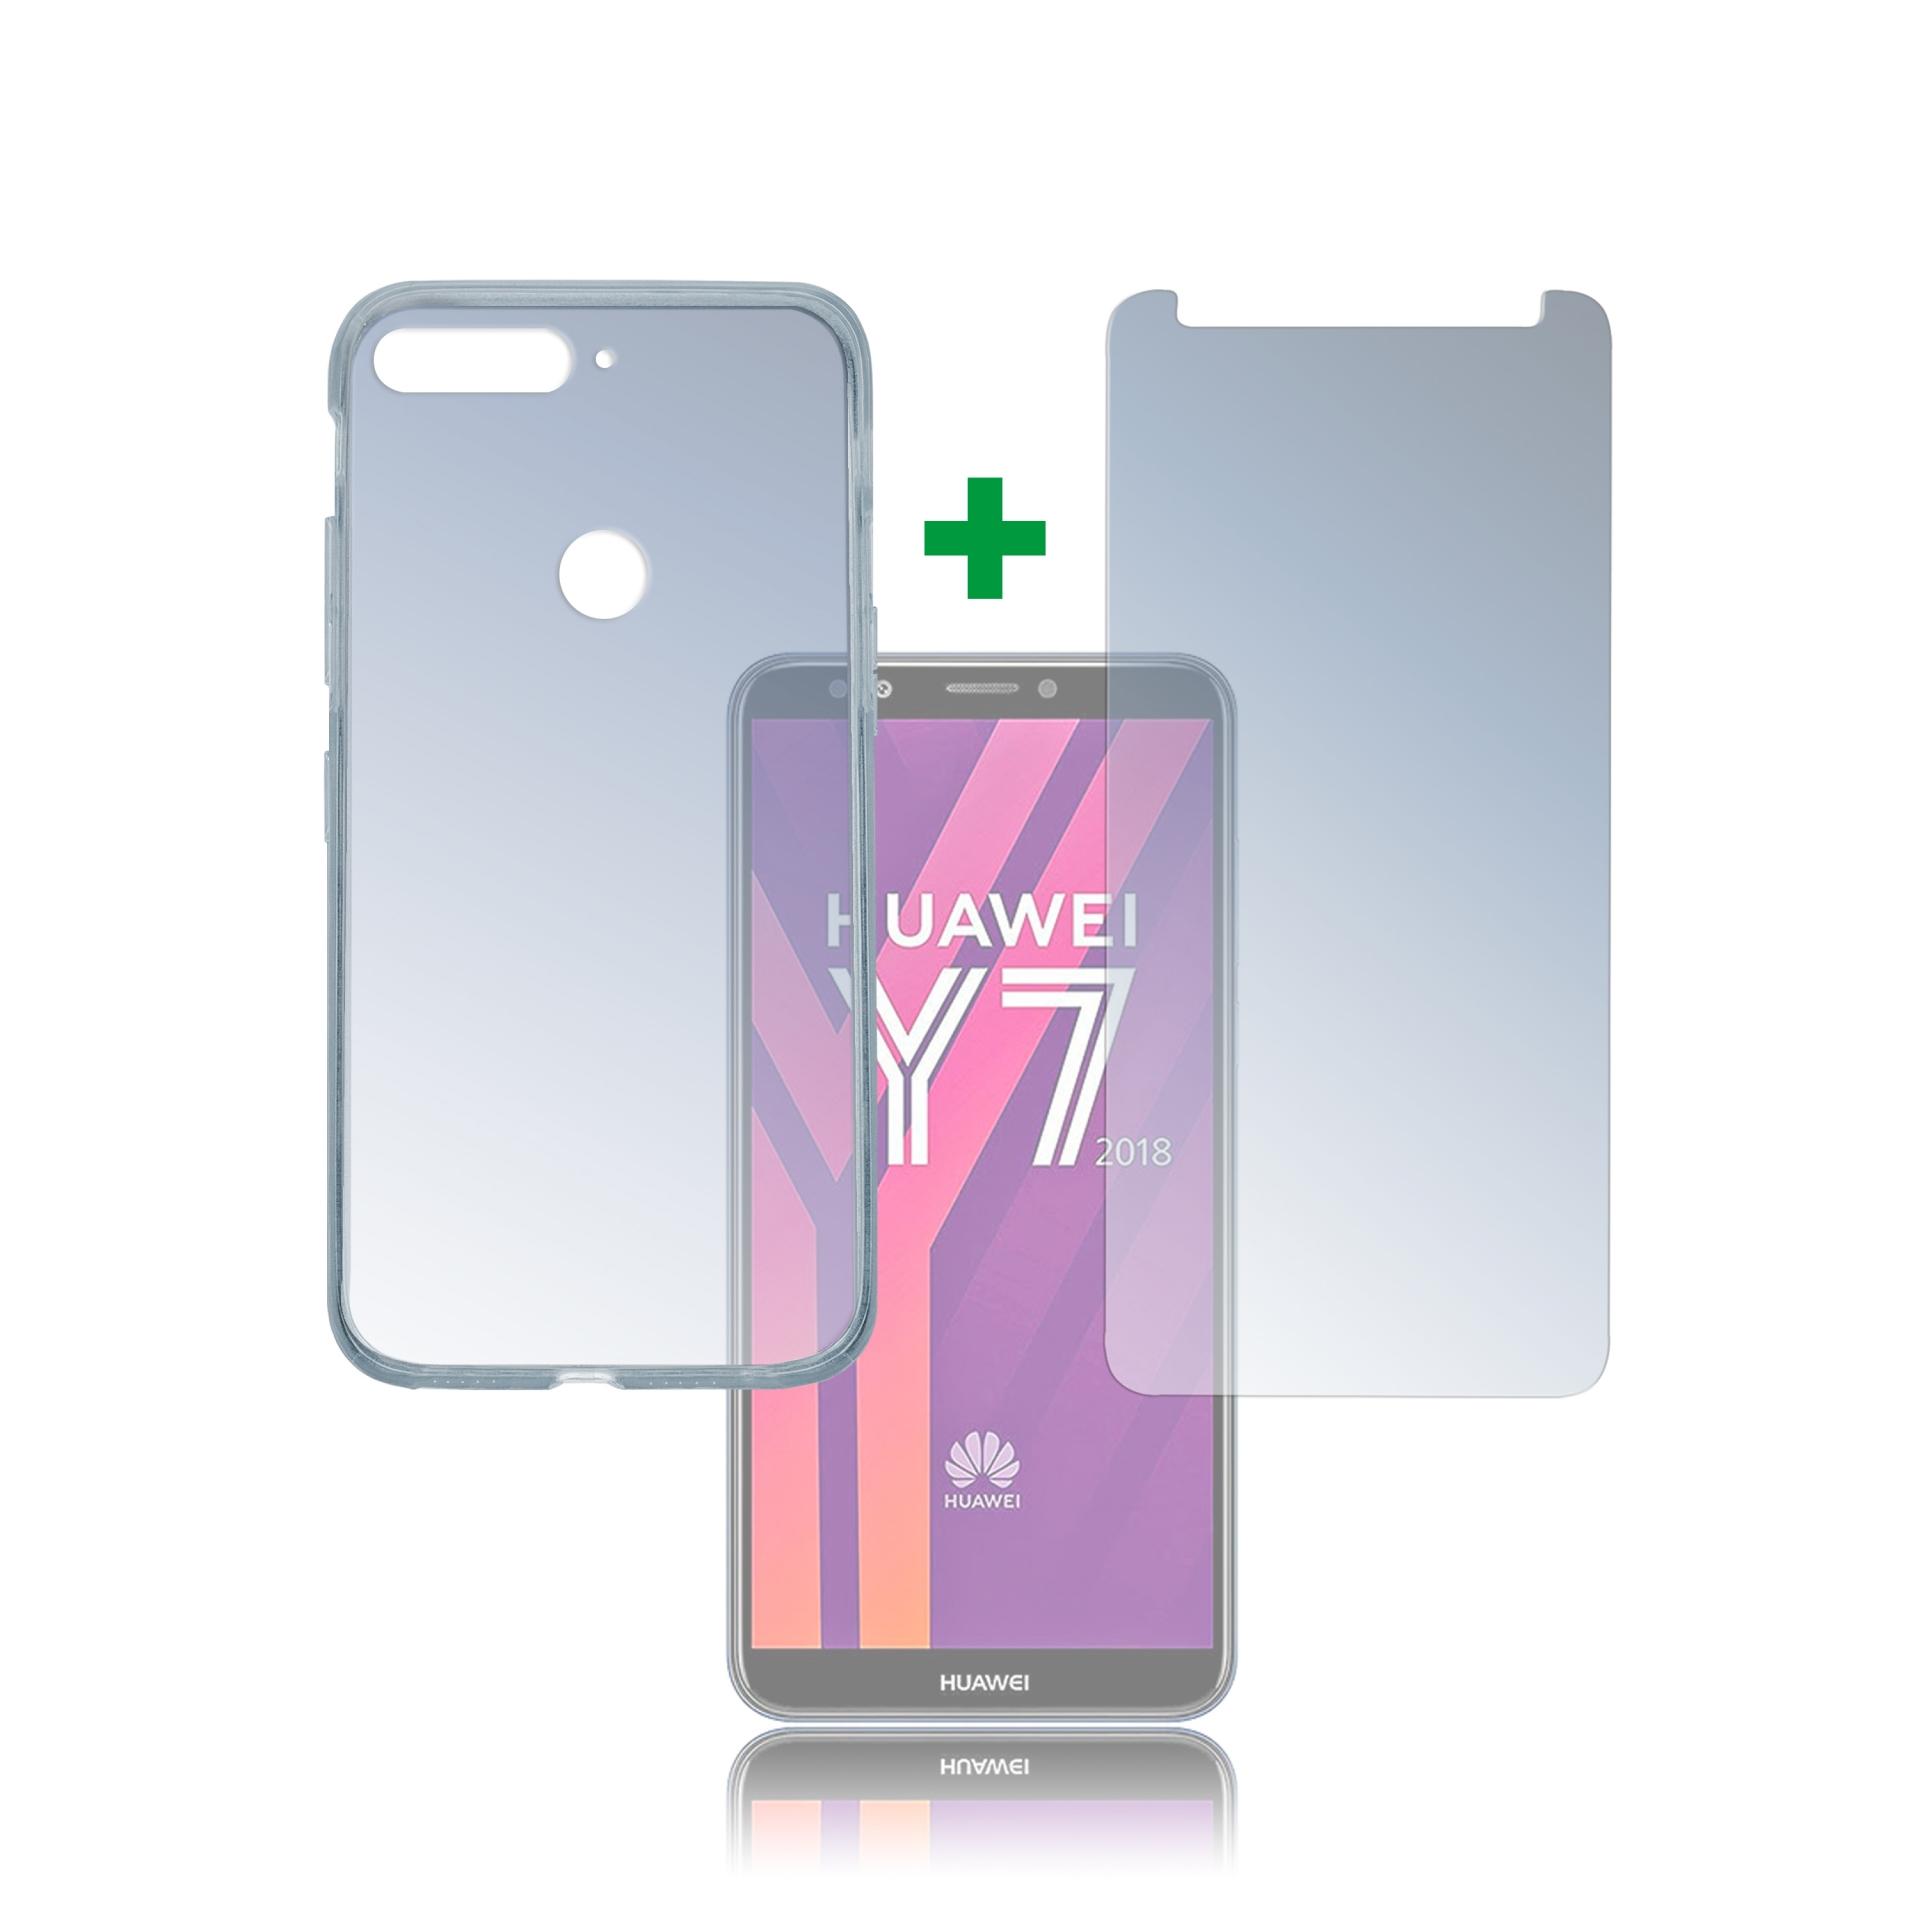 4smarts 360° Protection Set Limited Cover — тънък силиконов кейс и стъклено защитно покритие за дисплея на Huawei Y7 (2018), Prime Y7 (2018) (прозрачен)  - 1